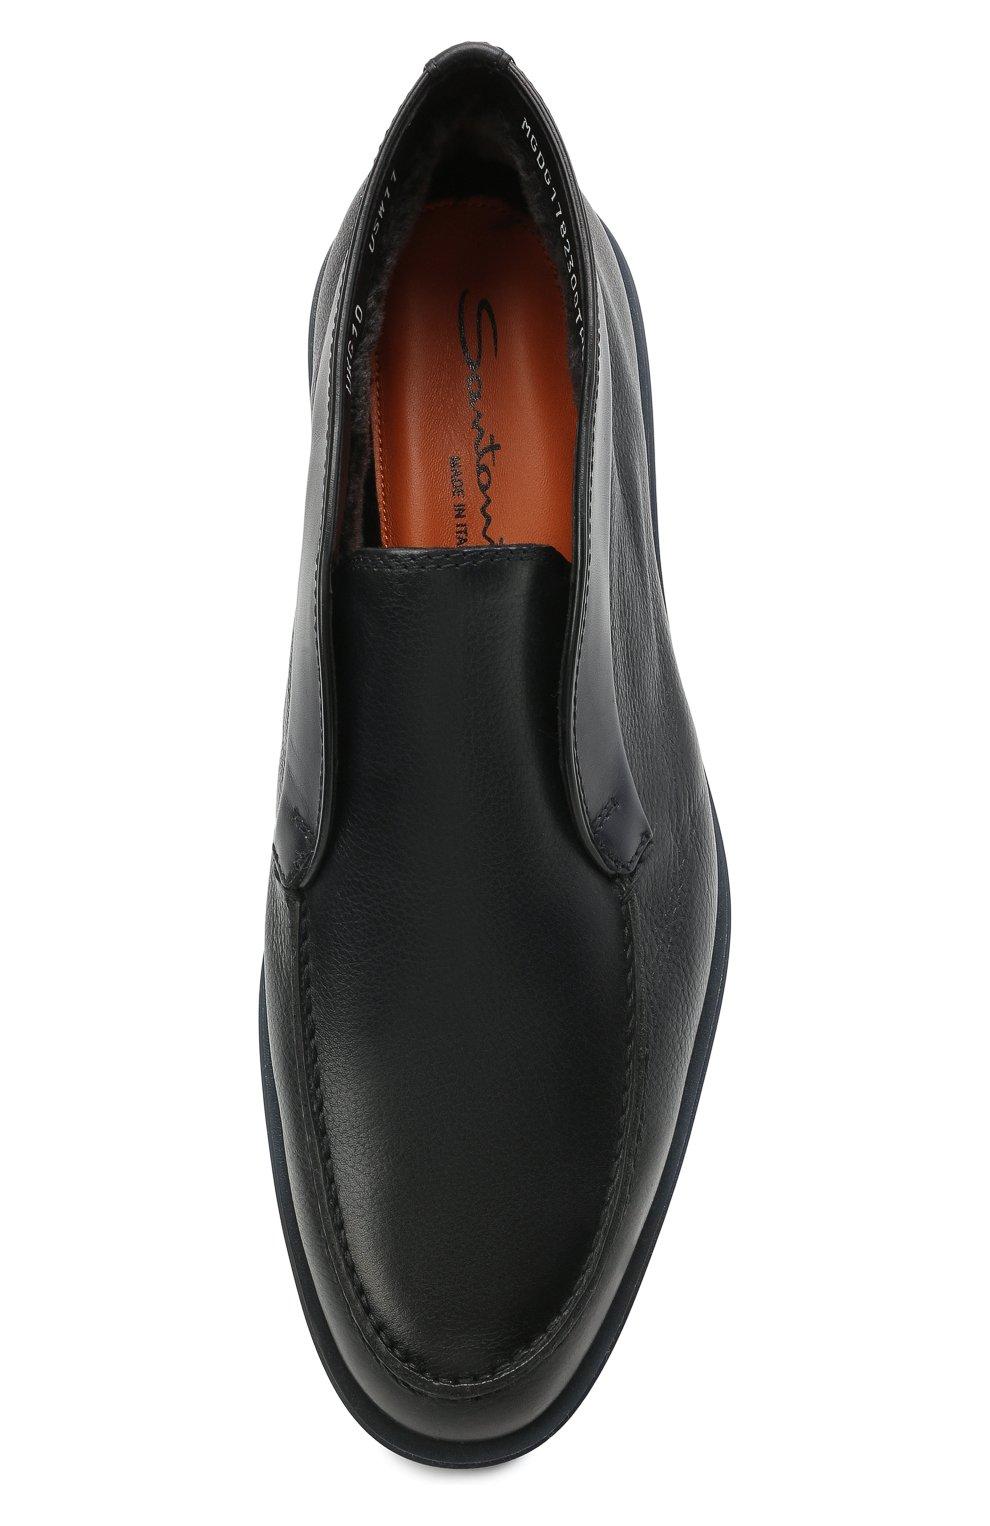 Мужские кожаные ботинки SANTONI темно-синего цвета, арт. MGDG1782300TANWLU59   Фото 5 (Материал утеплителя: Натуральный мех; Мужское Кросс-КТ: Ботинки-обувь, зимние ботинки; Подошва: Плоская)